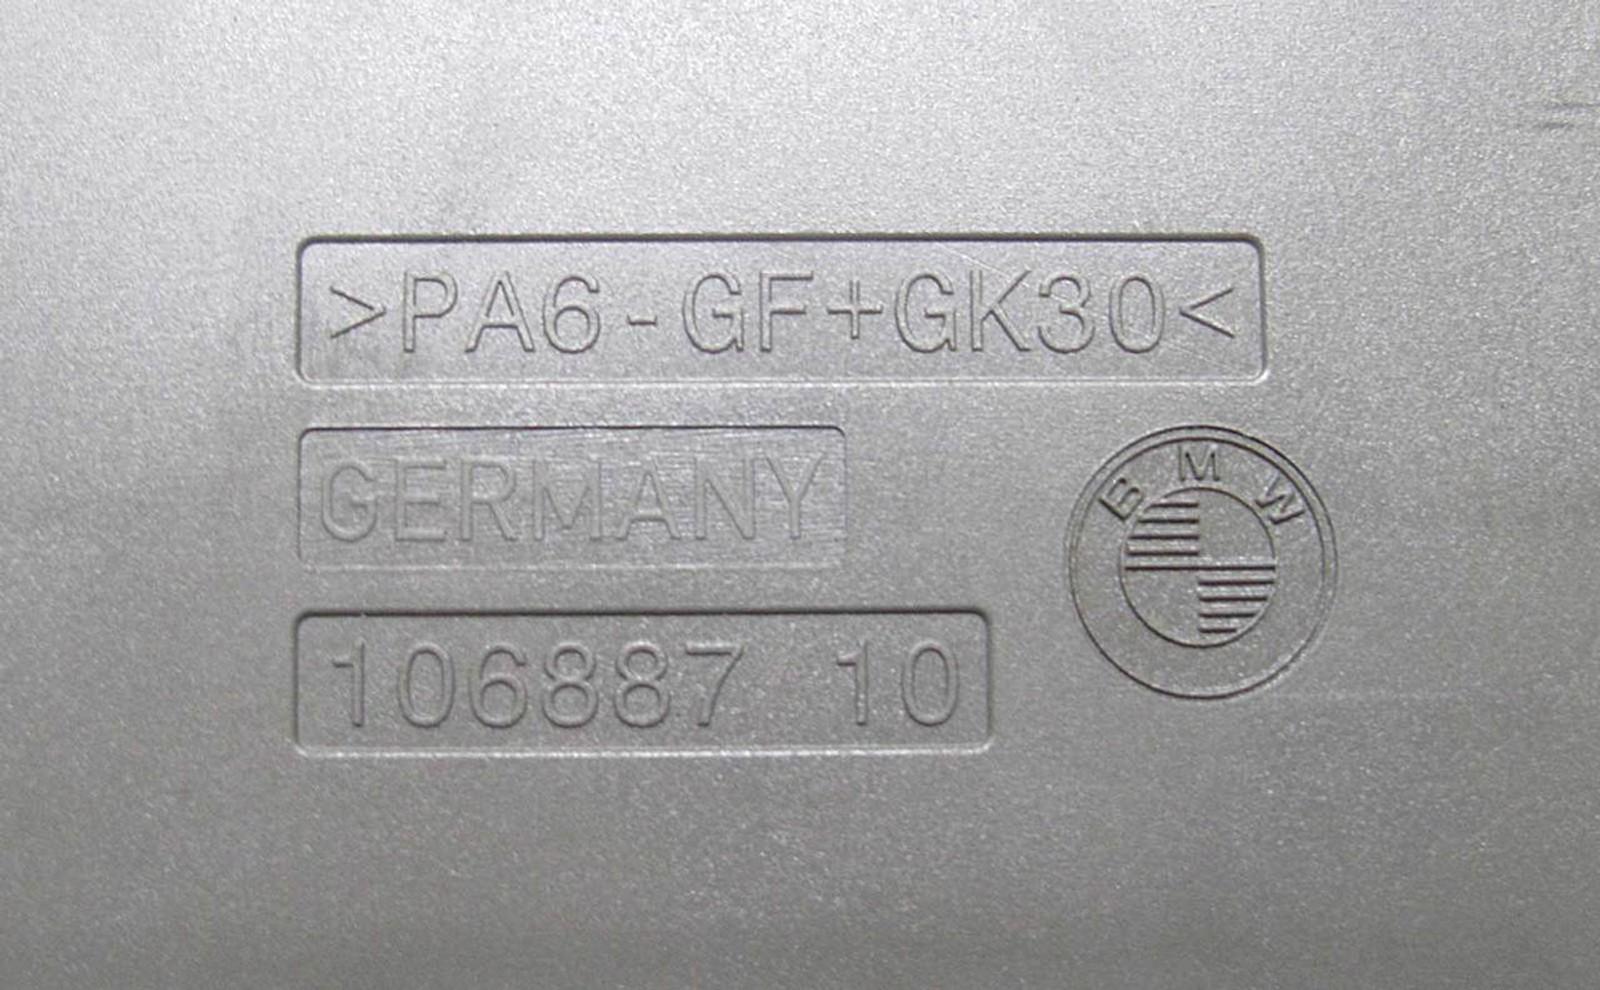 Bmw E90 E92 3 Series E82 Front Interior Glove Box Fuse 2008 2013 328xi Location Previous